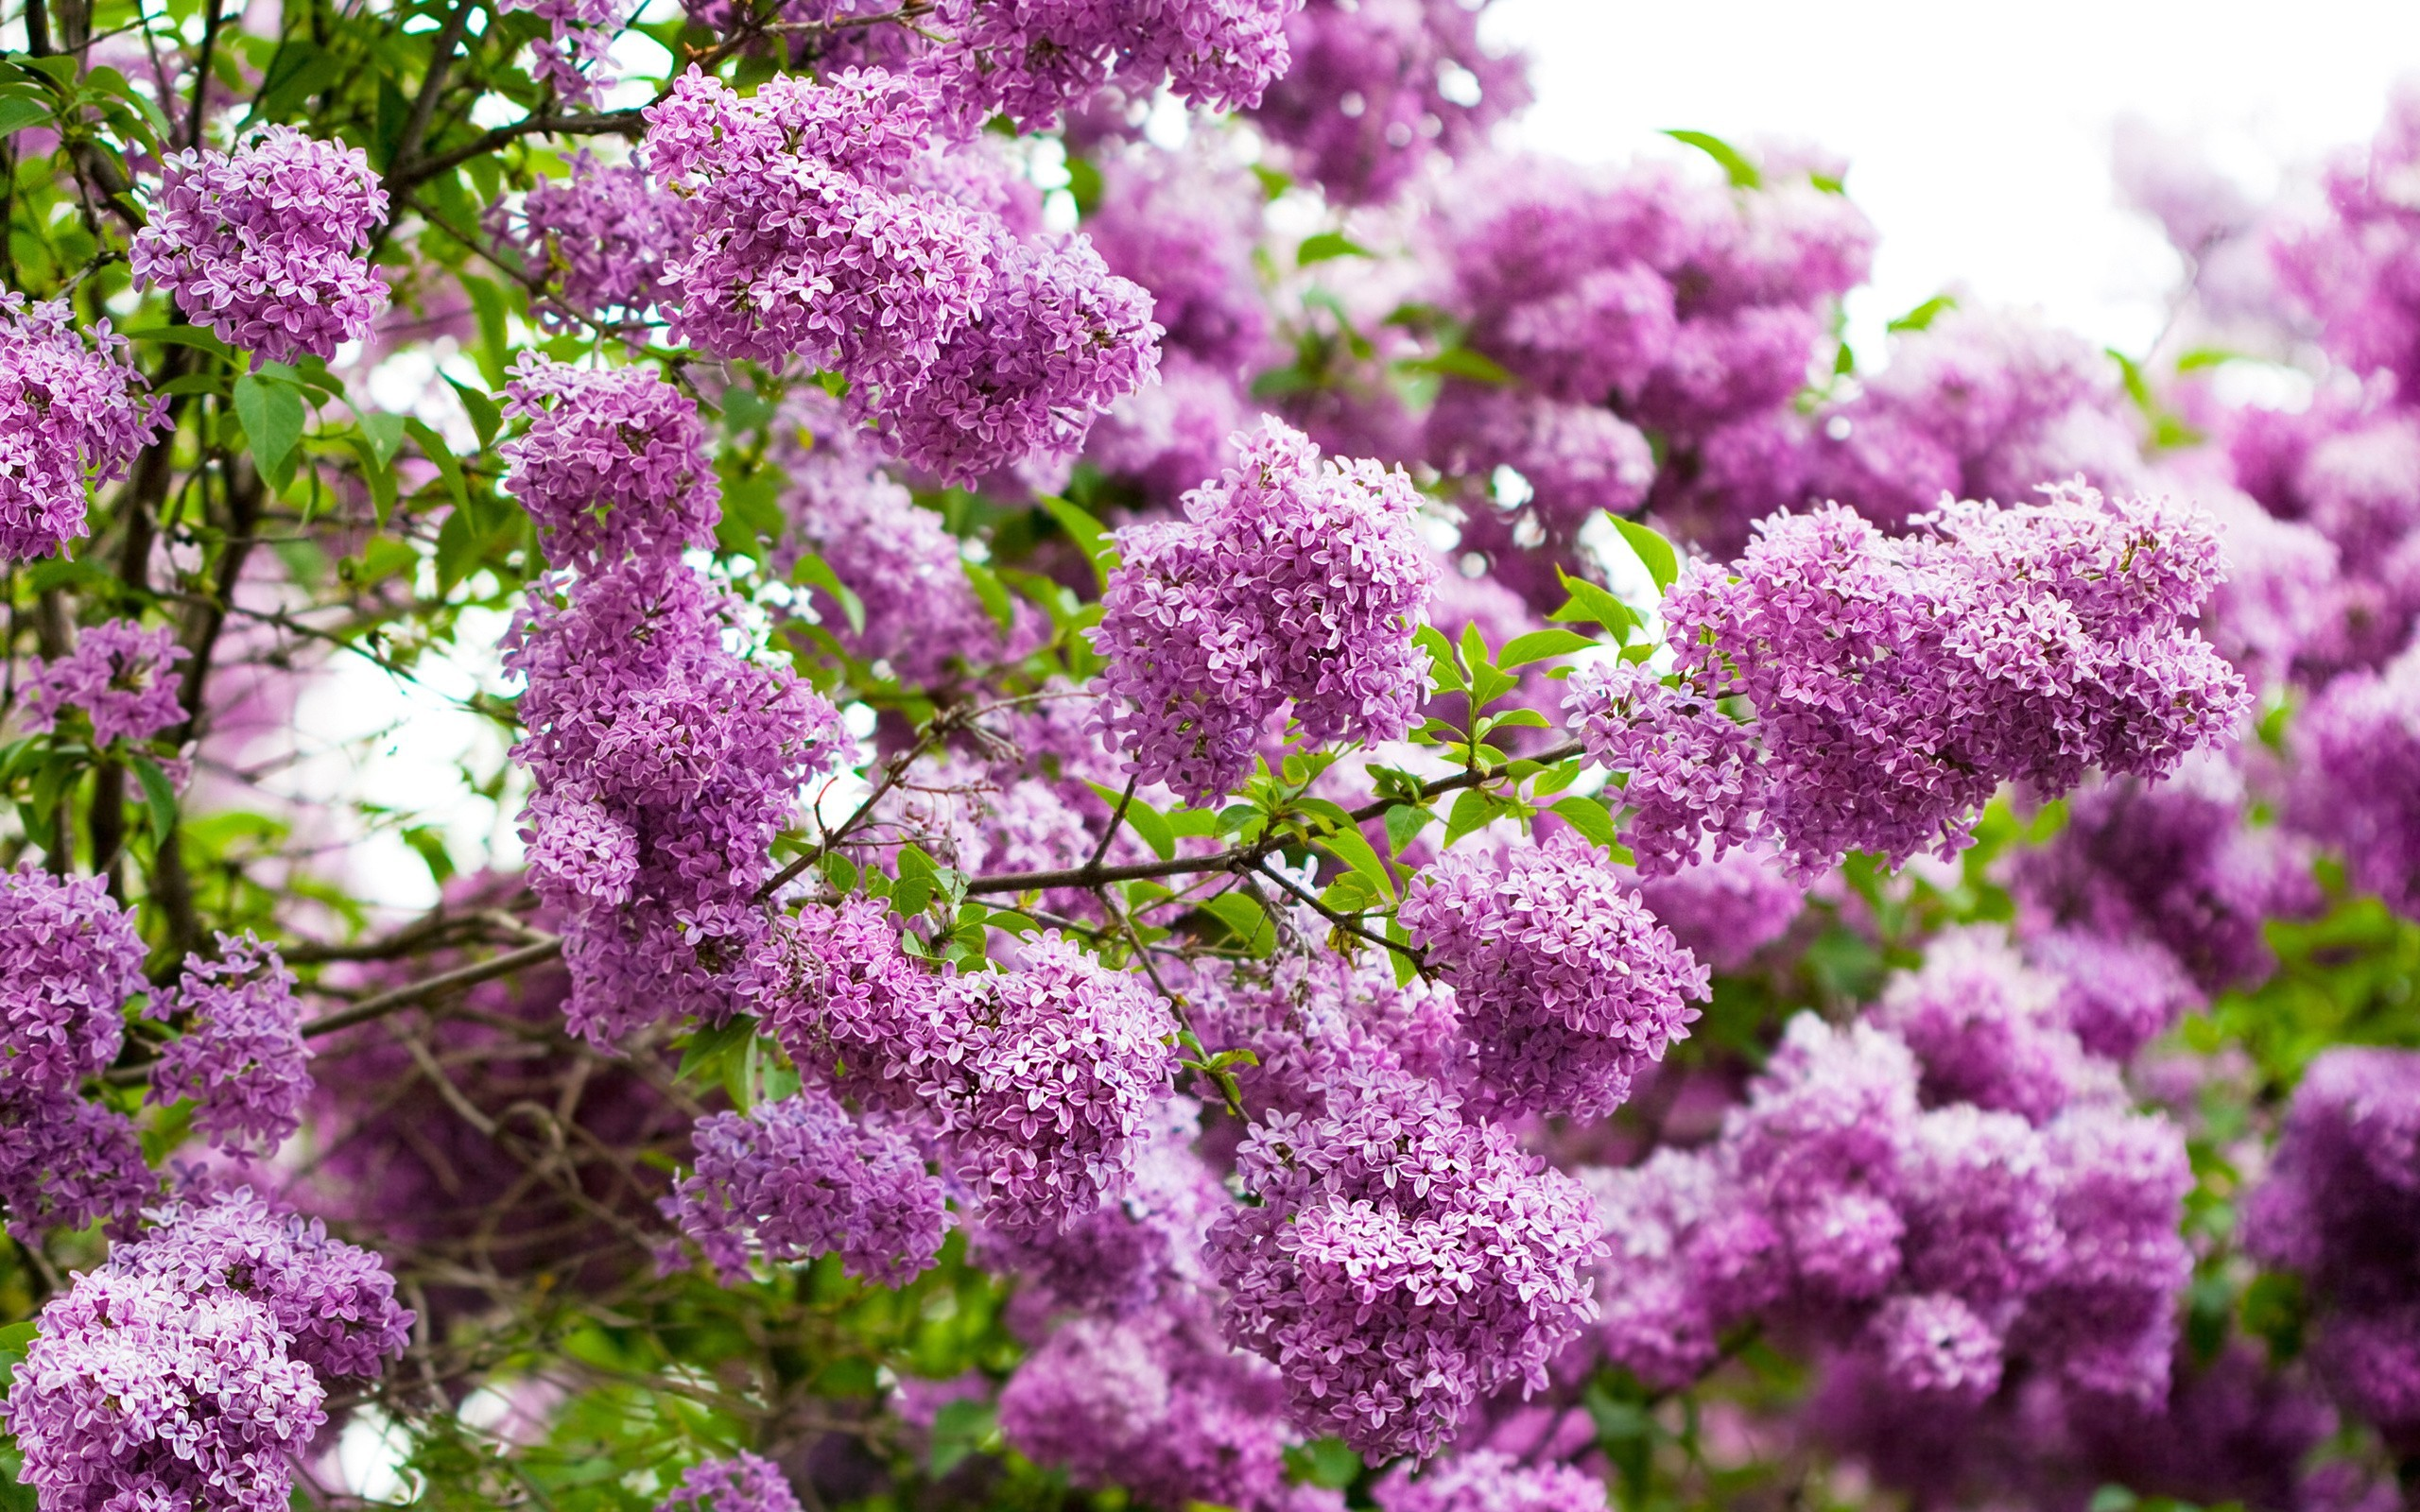 28608 скачать обои Растения, Цветы, Сирень - заставки и картинки бесплатно